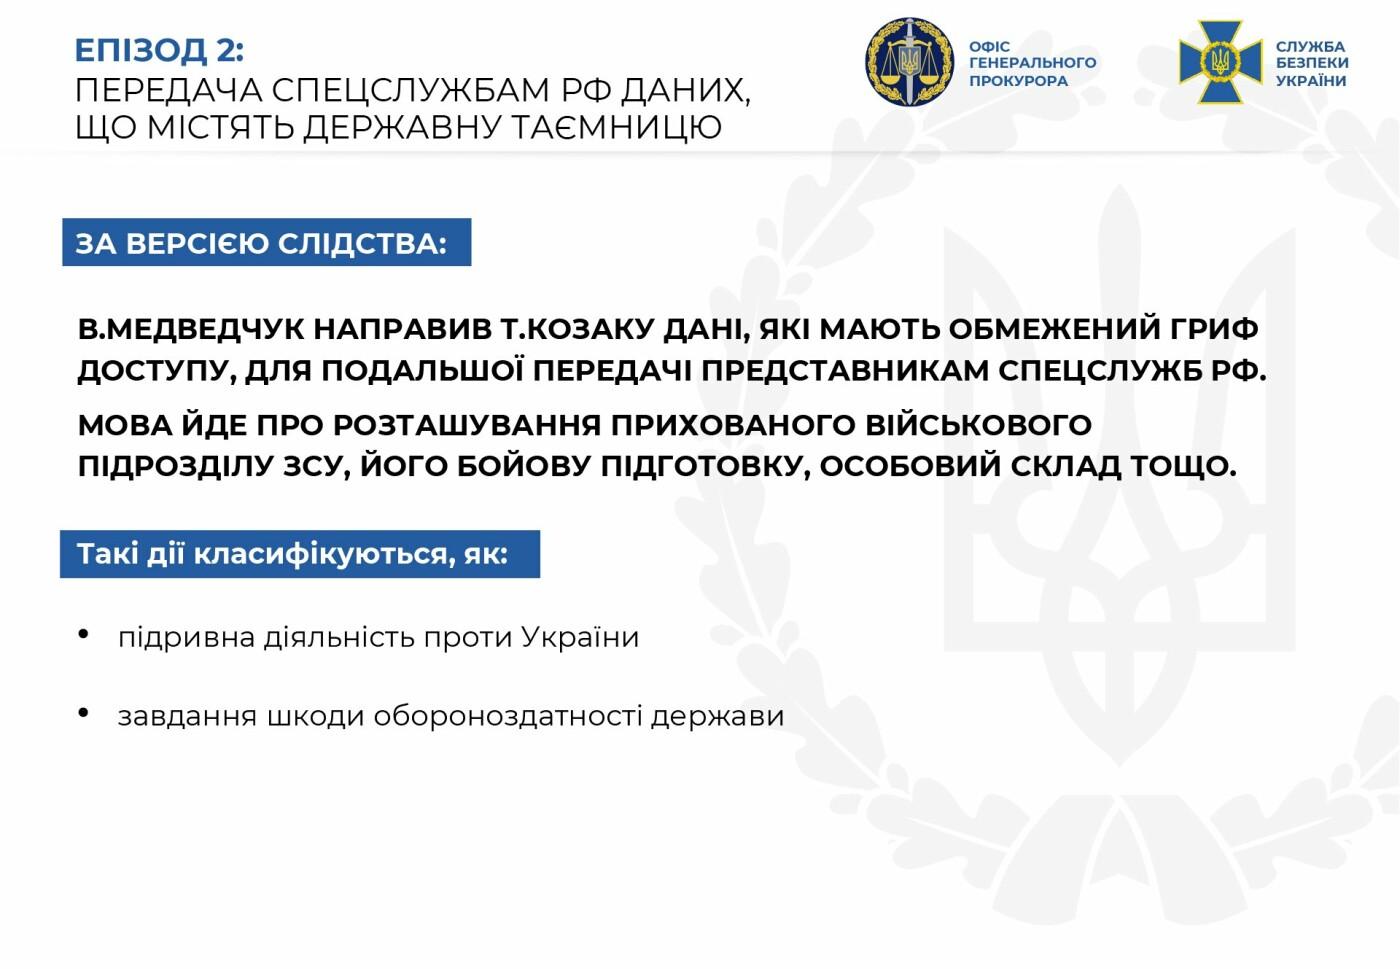 Передача секретных данных о ВСУ и разграбление ресурсов в Крыму: СБУ рассказала подробности подозрения в госизмене Медведчука, - ФОТО, ВИДЕО, фото-5